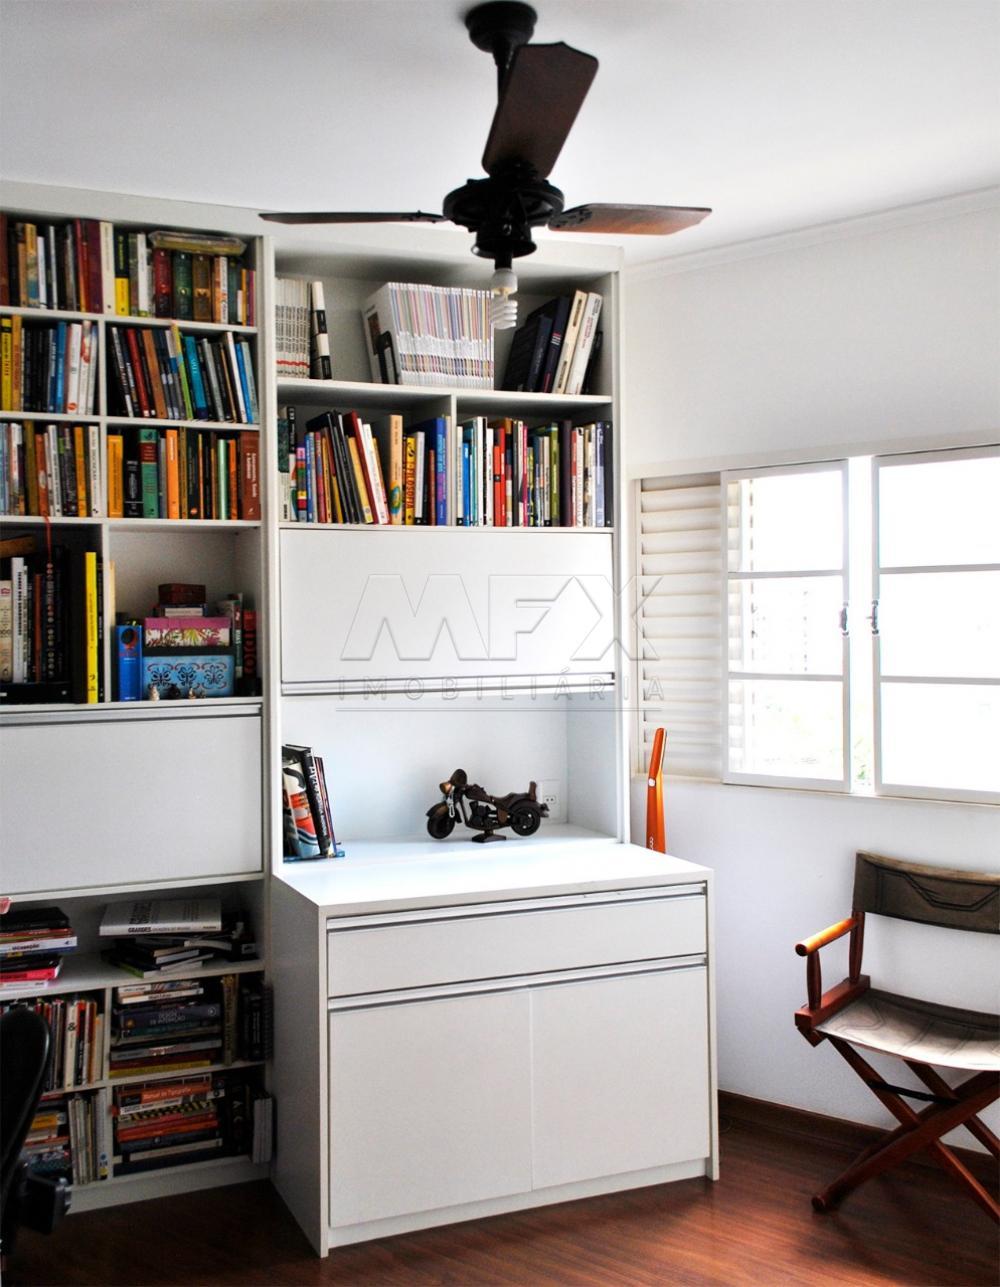 Comprar Apartamento / Padrão em Bauru R$ 320.000,00 - Foto 2